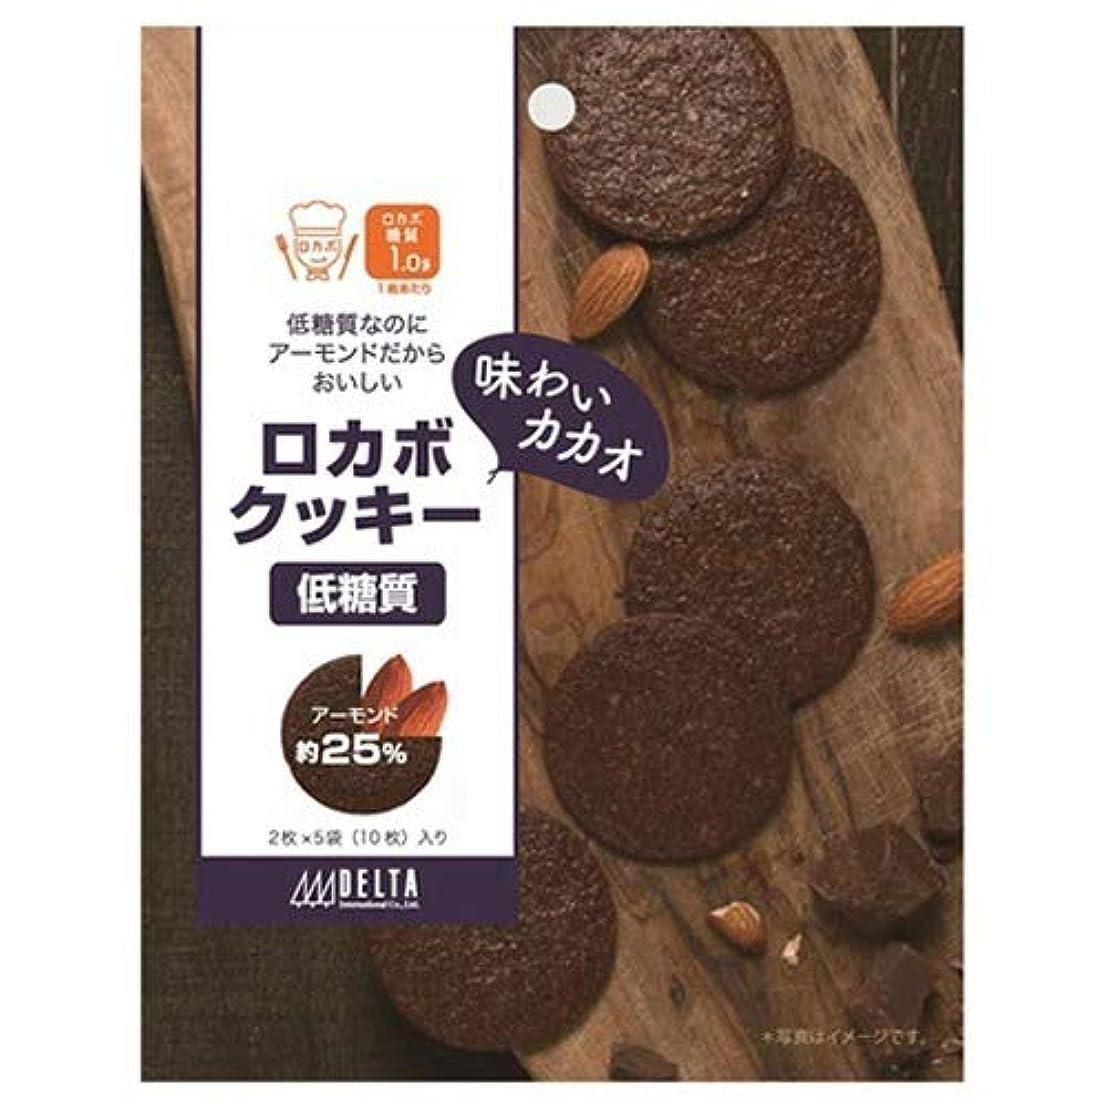 集中的な溶融優先ロカボクッキー味わいカカオ 10枚